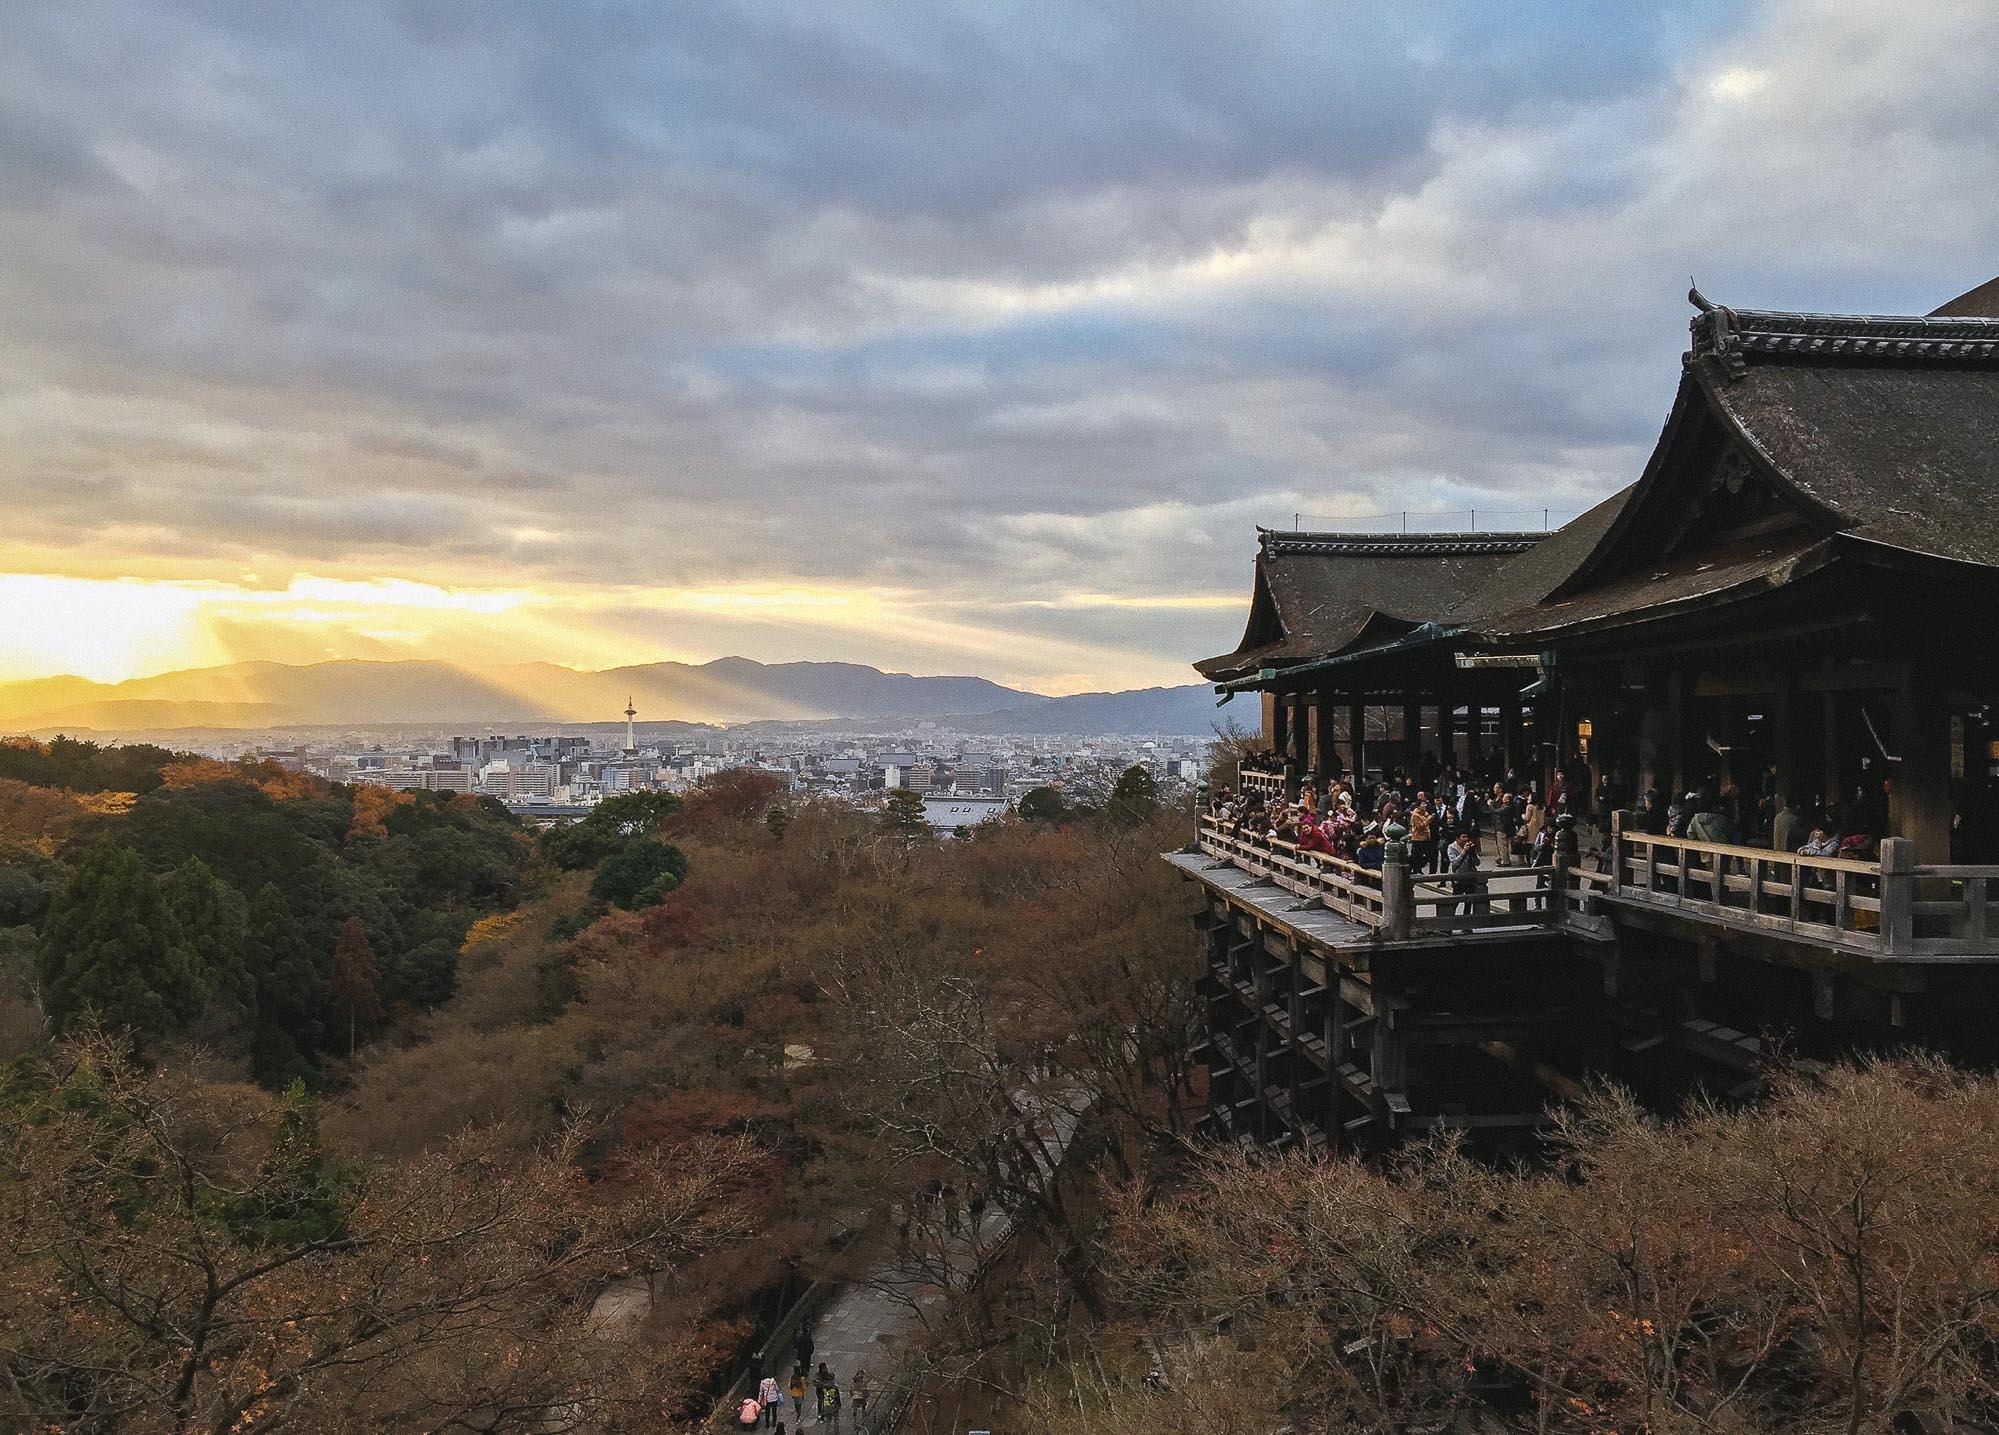 Instagramming Japan - Kiyomizu dera temple